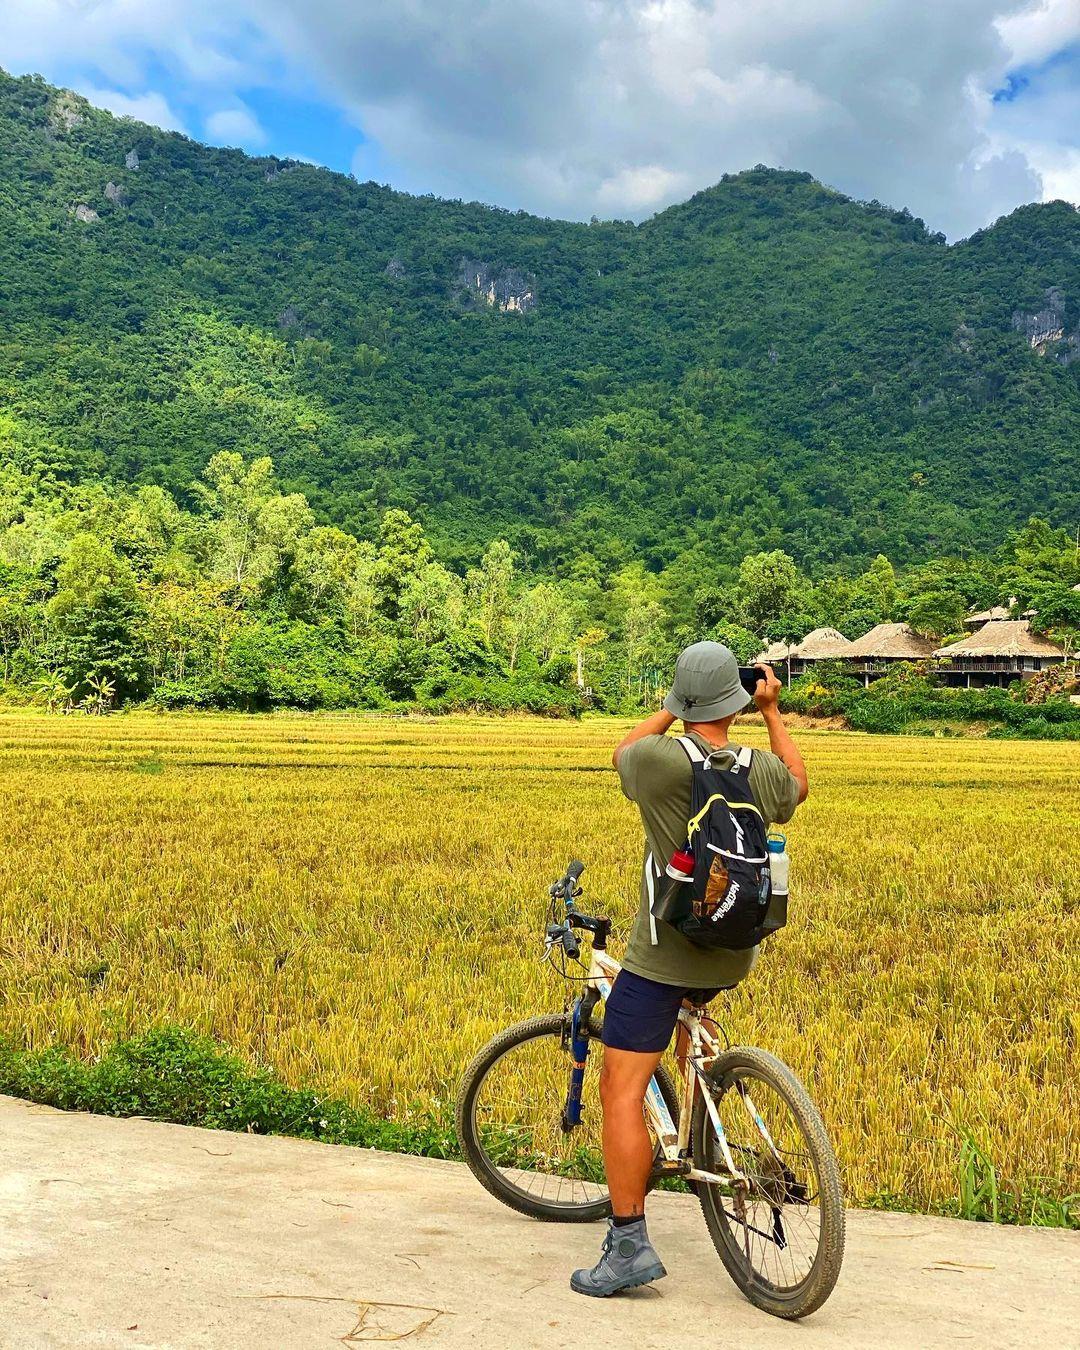 Những cánh đồng lúa bát ngát ở Mai Châu. Hình: @thiennguyen1012